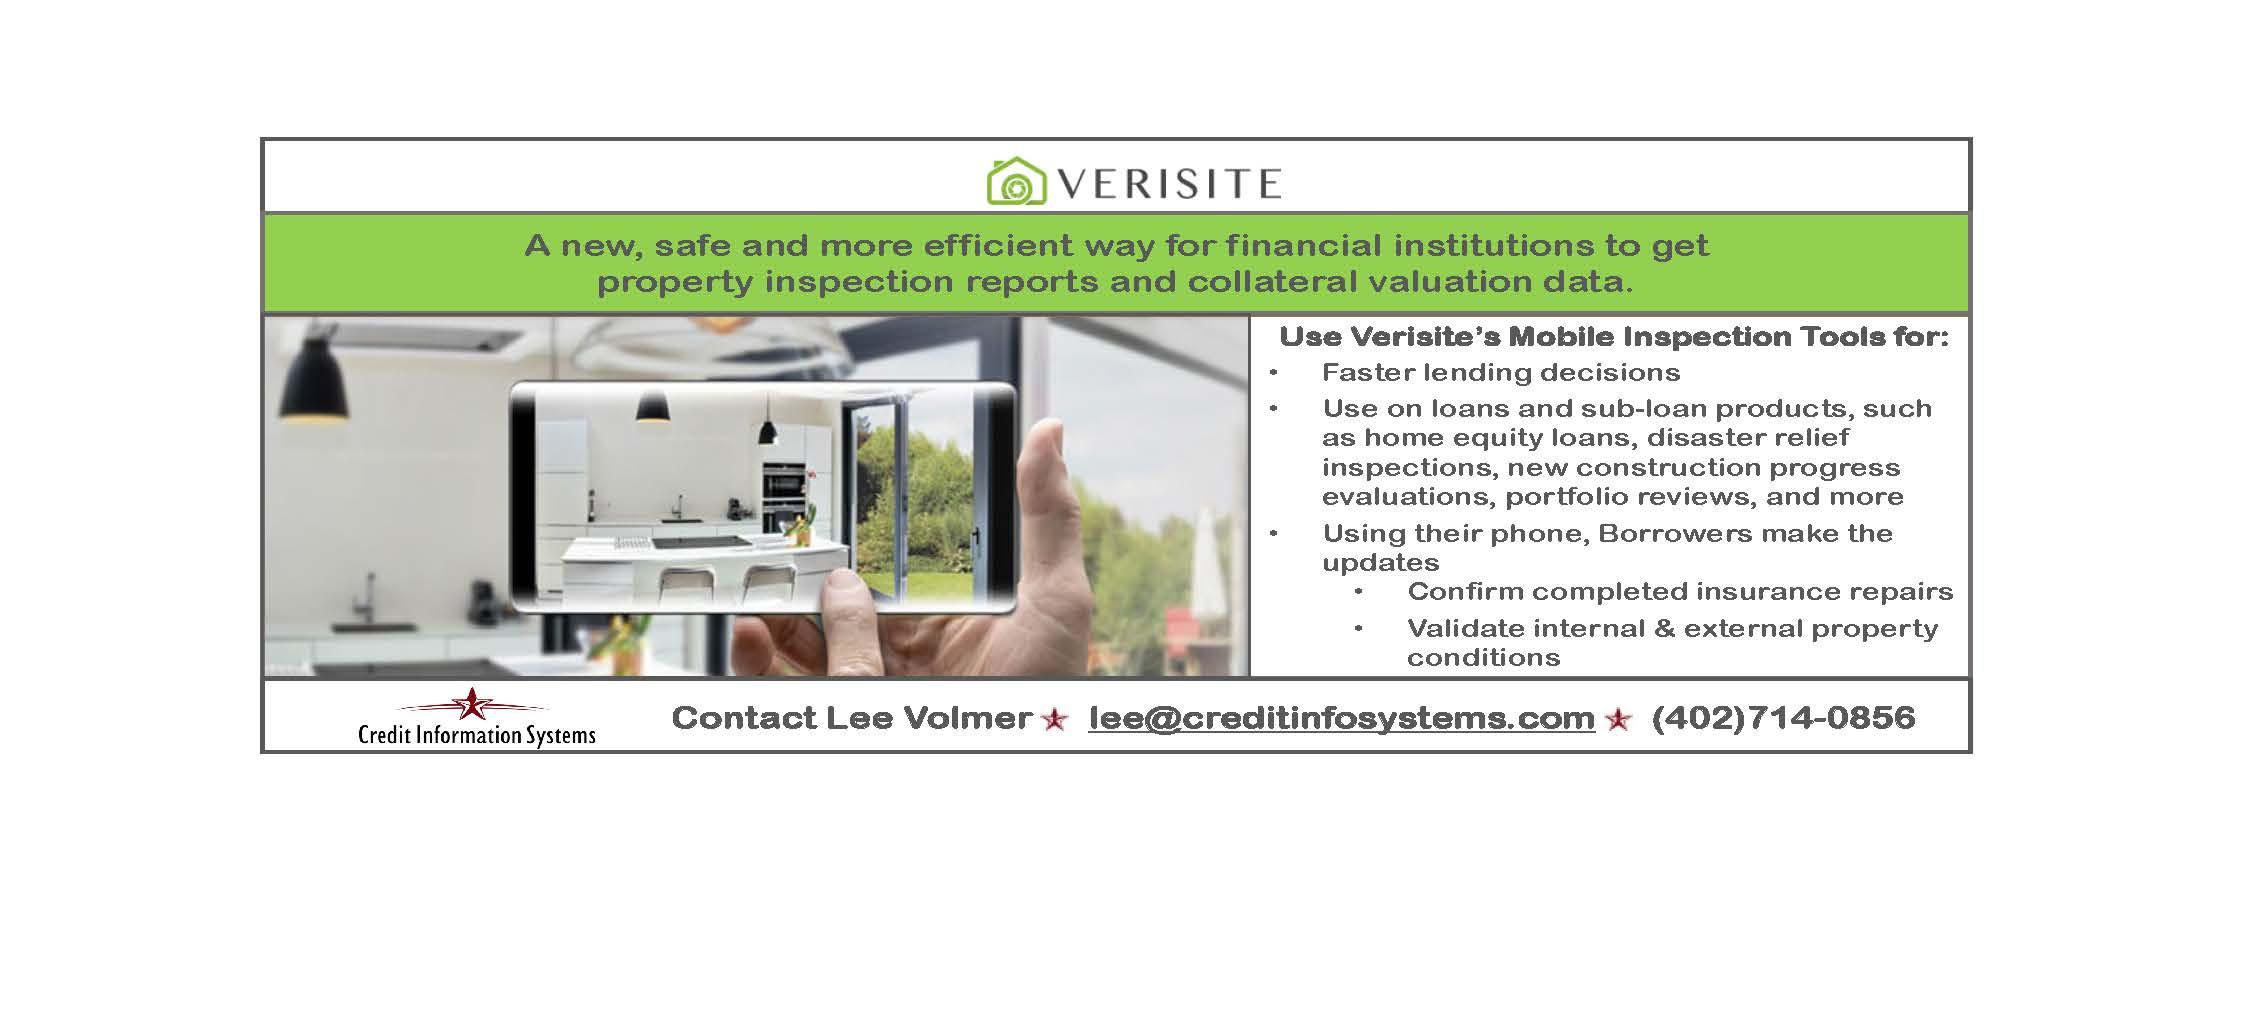 Verisite_COVID-19_ad_03182020